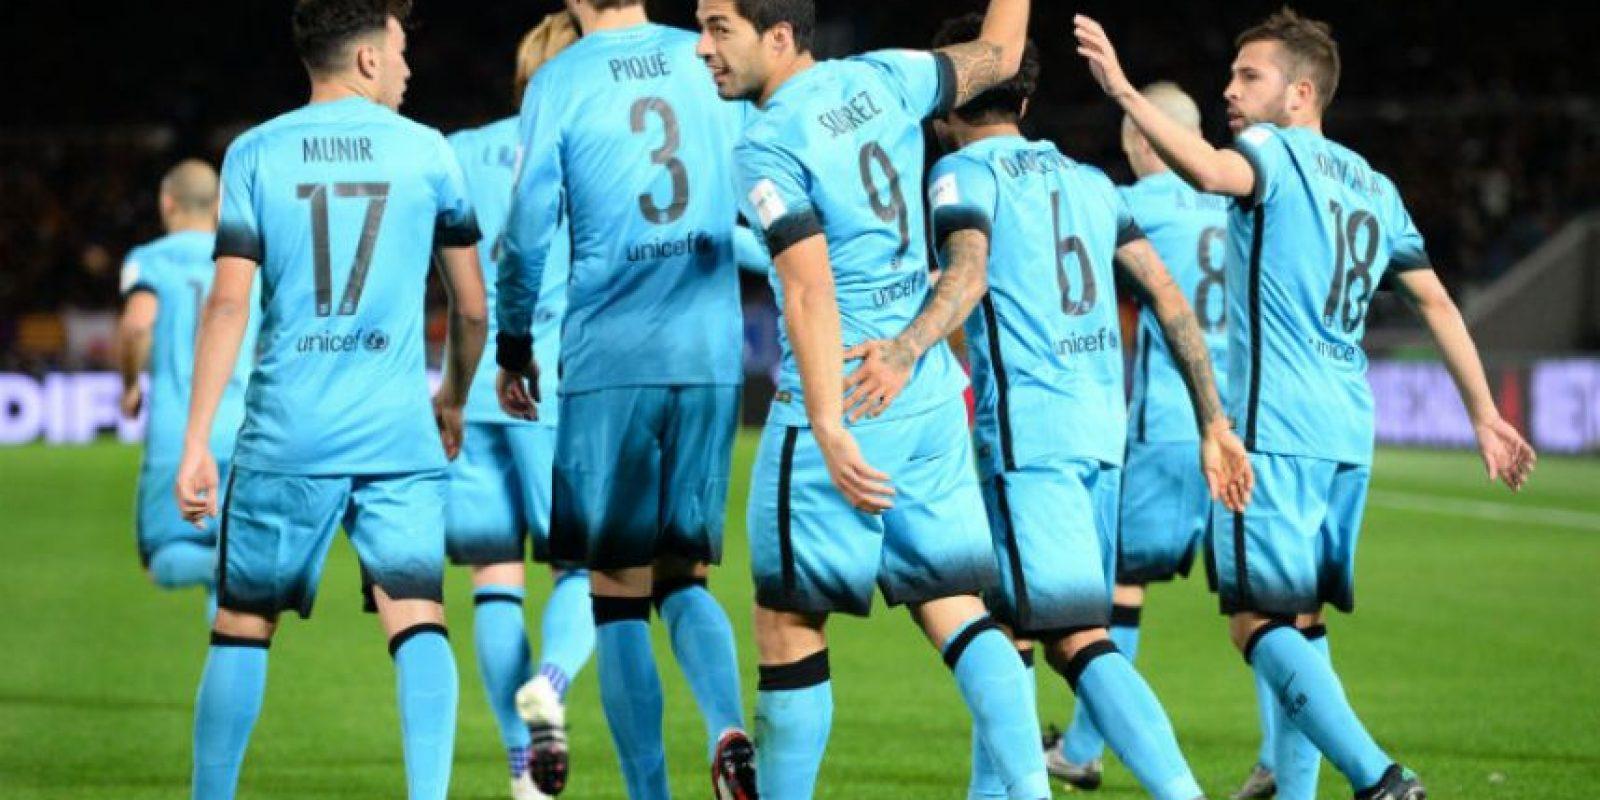 4. Los representantes de Brasil son los combinados que más veces han ganado el Mundial, con cuatro títulos; un par de Corinthians, uno de Internacional y otro de Sao Paulo Foto:Getty Images